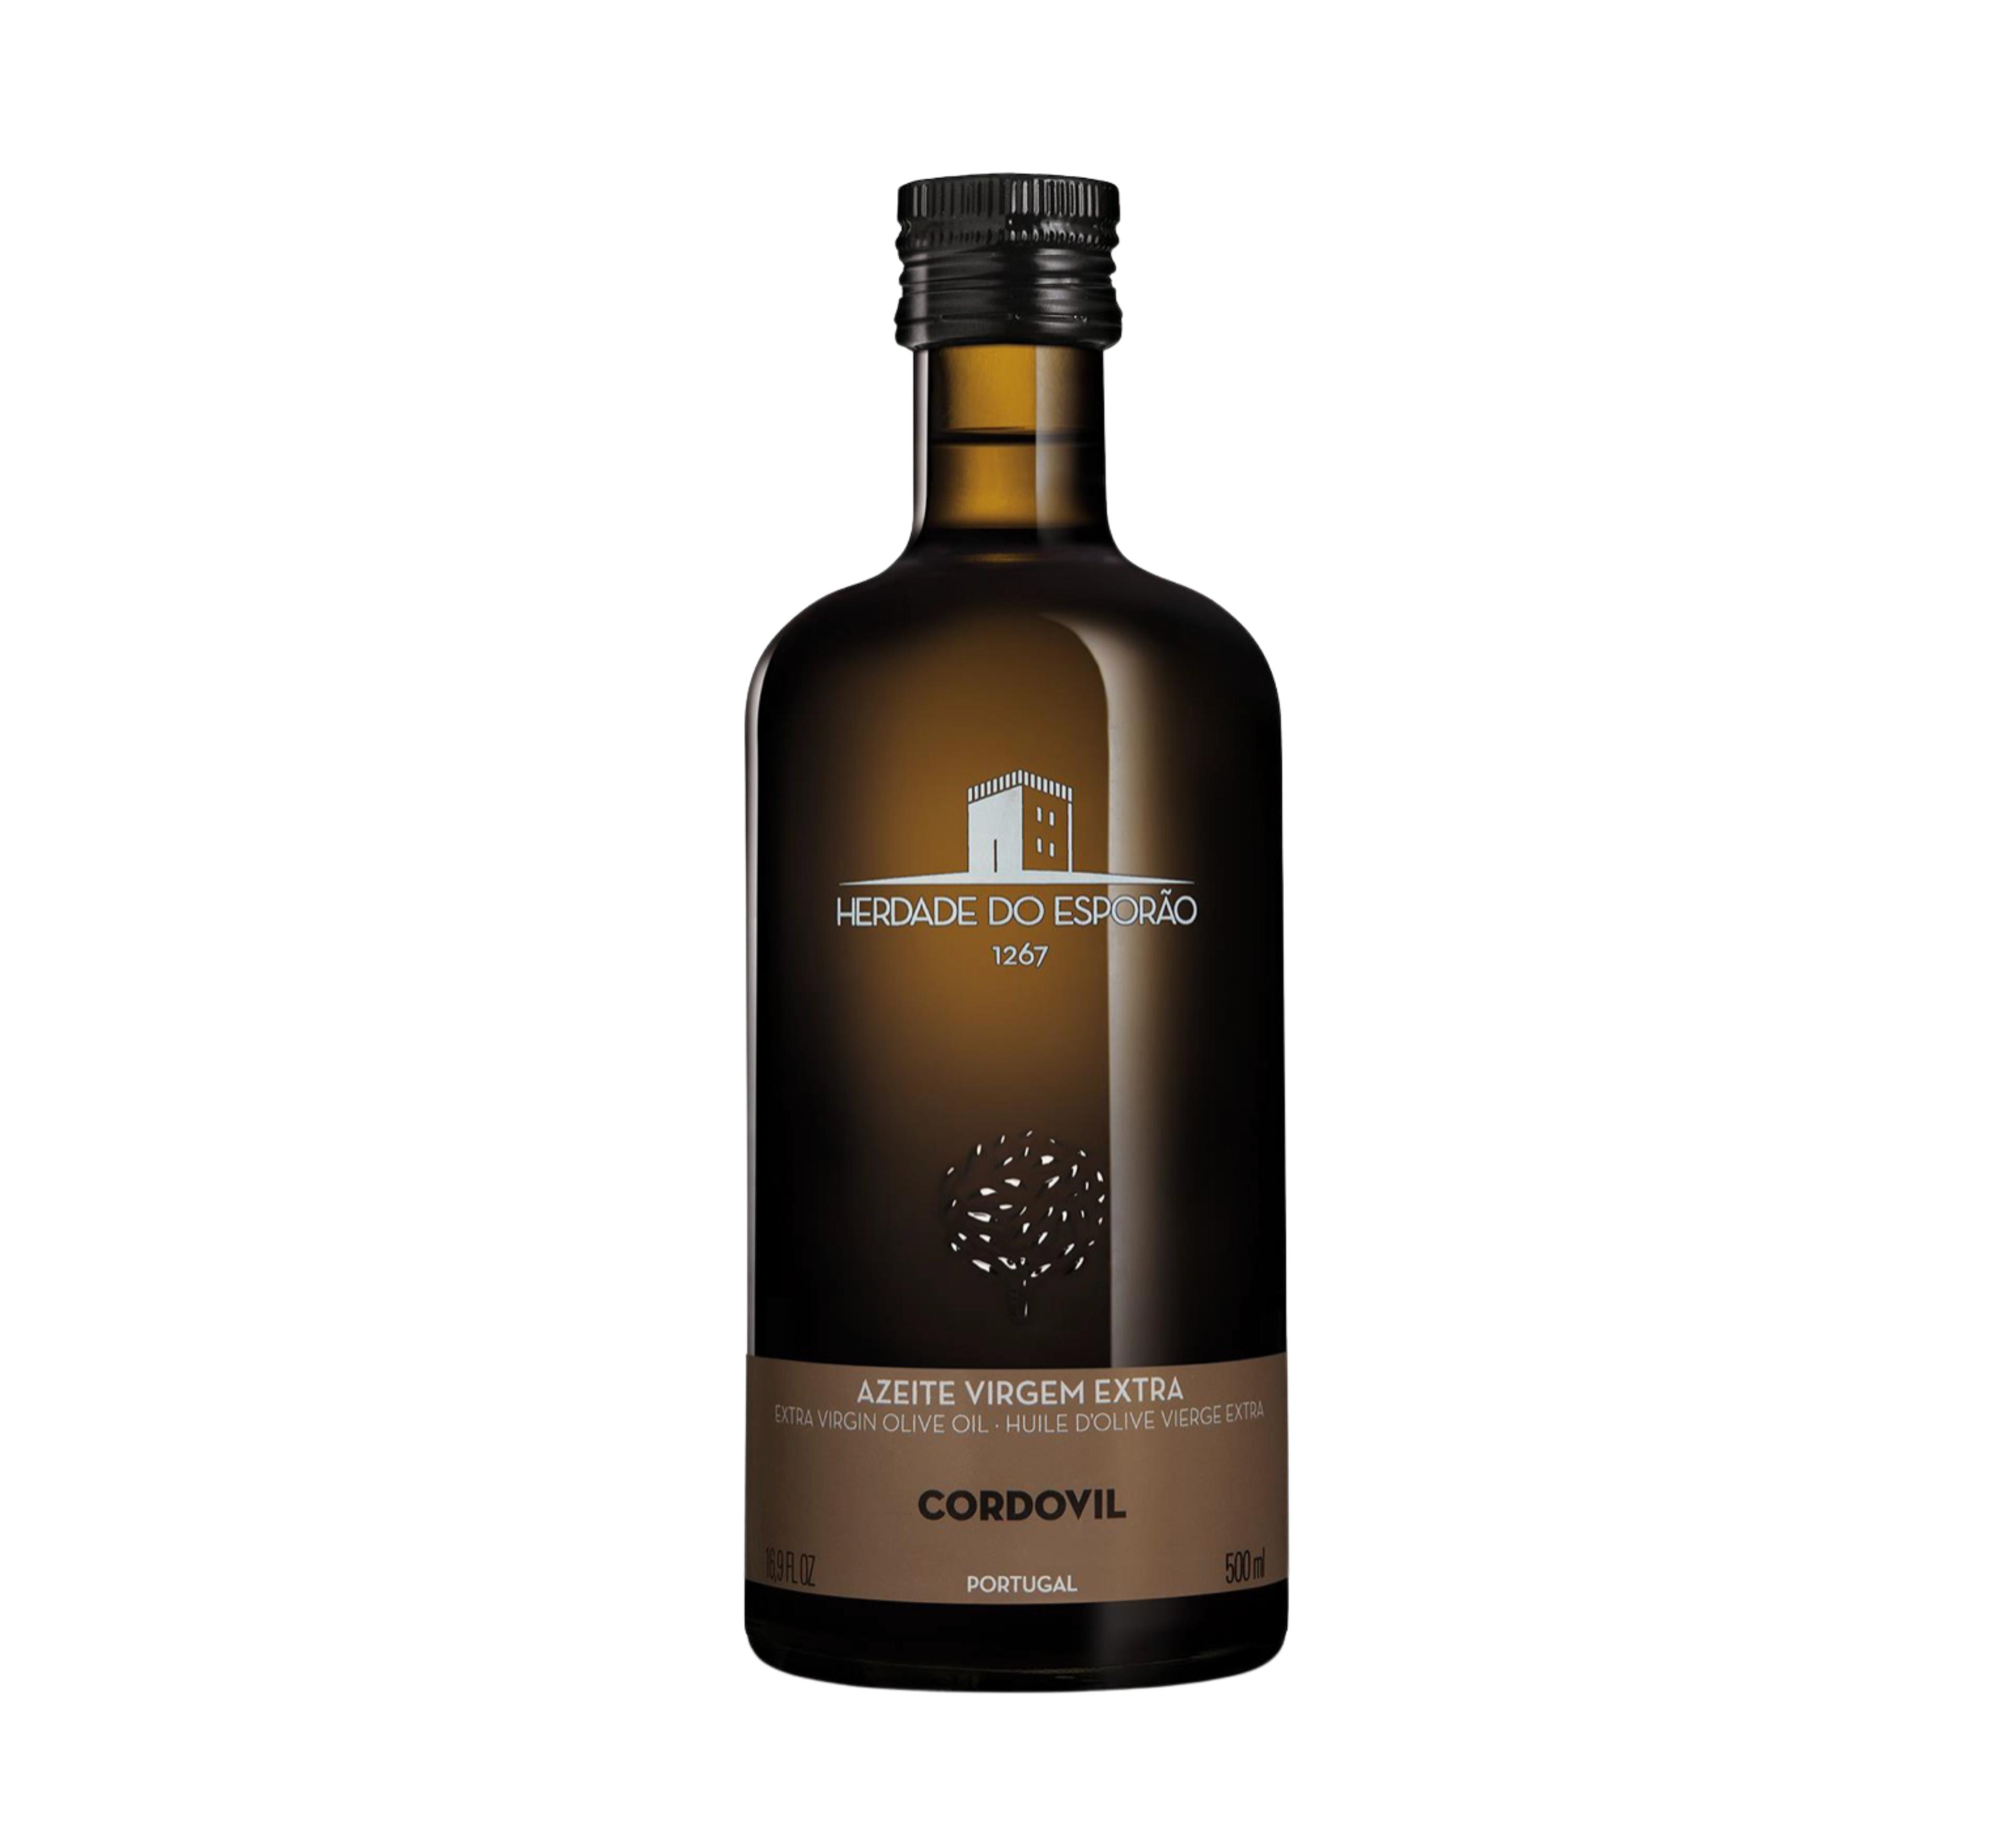 Herdade do Esporão Cordovil Extra Virgin Olive Oil 1005